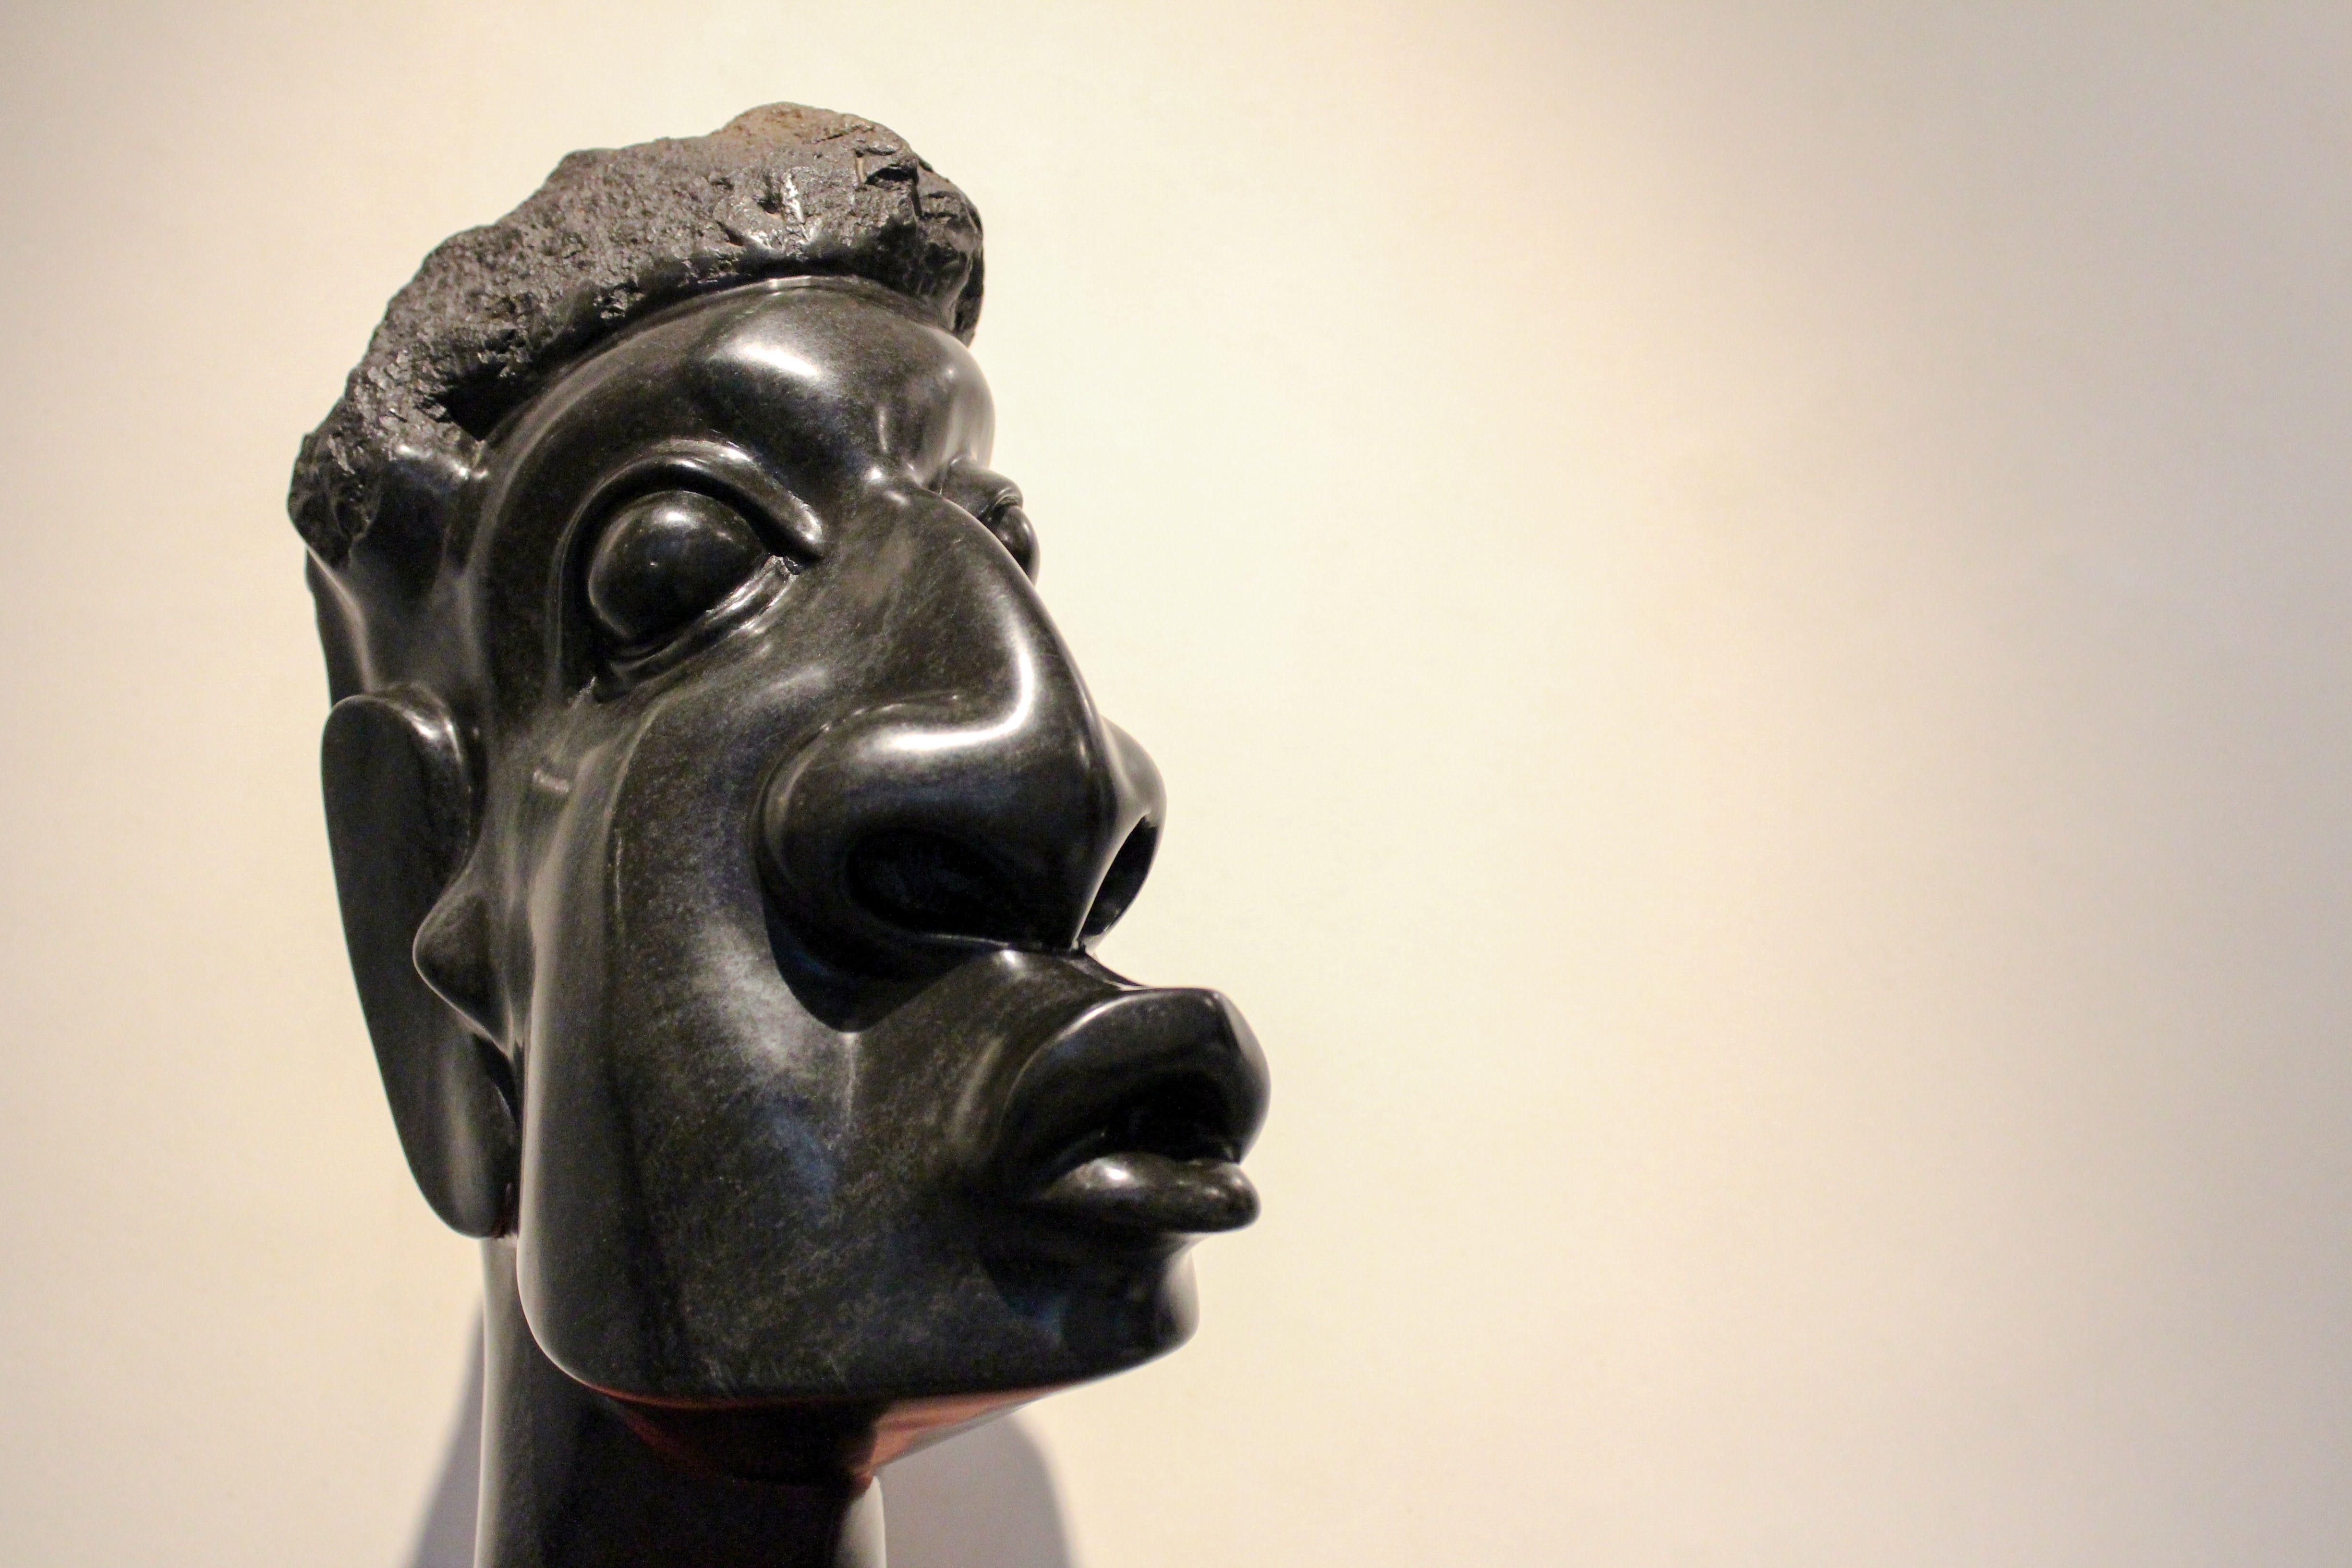 Foto 10 de Galería de arte africano en Madrid   Gazzambo Gallery